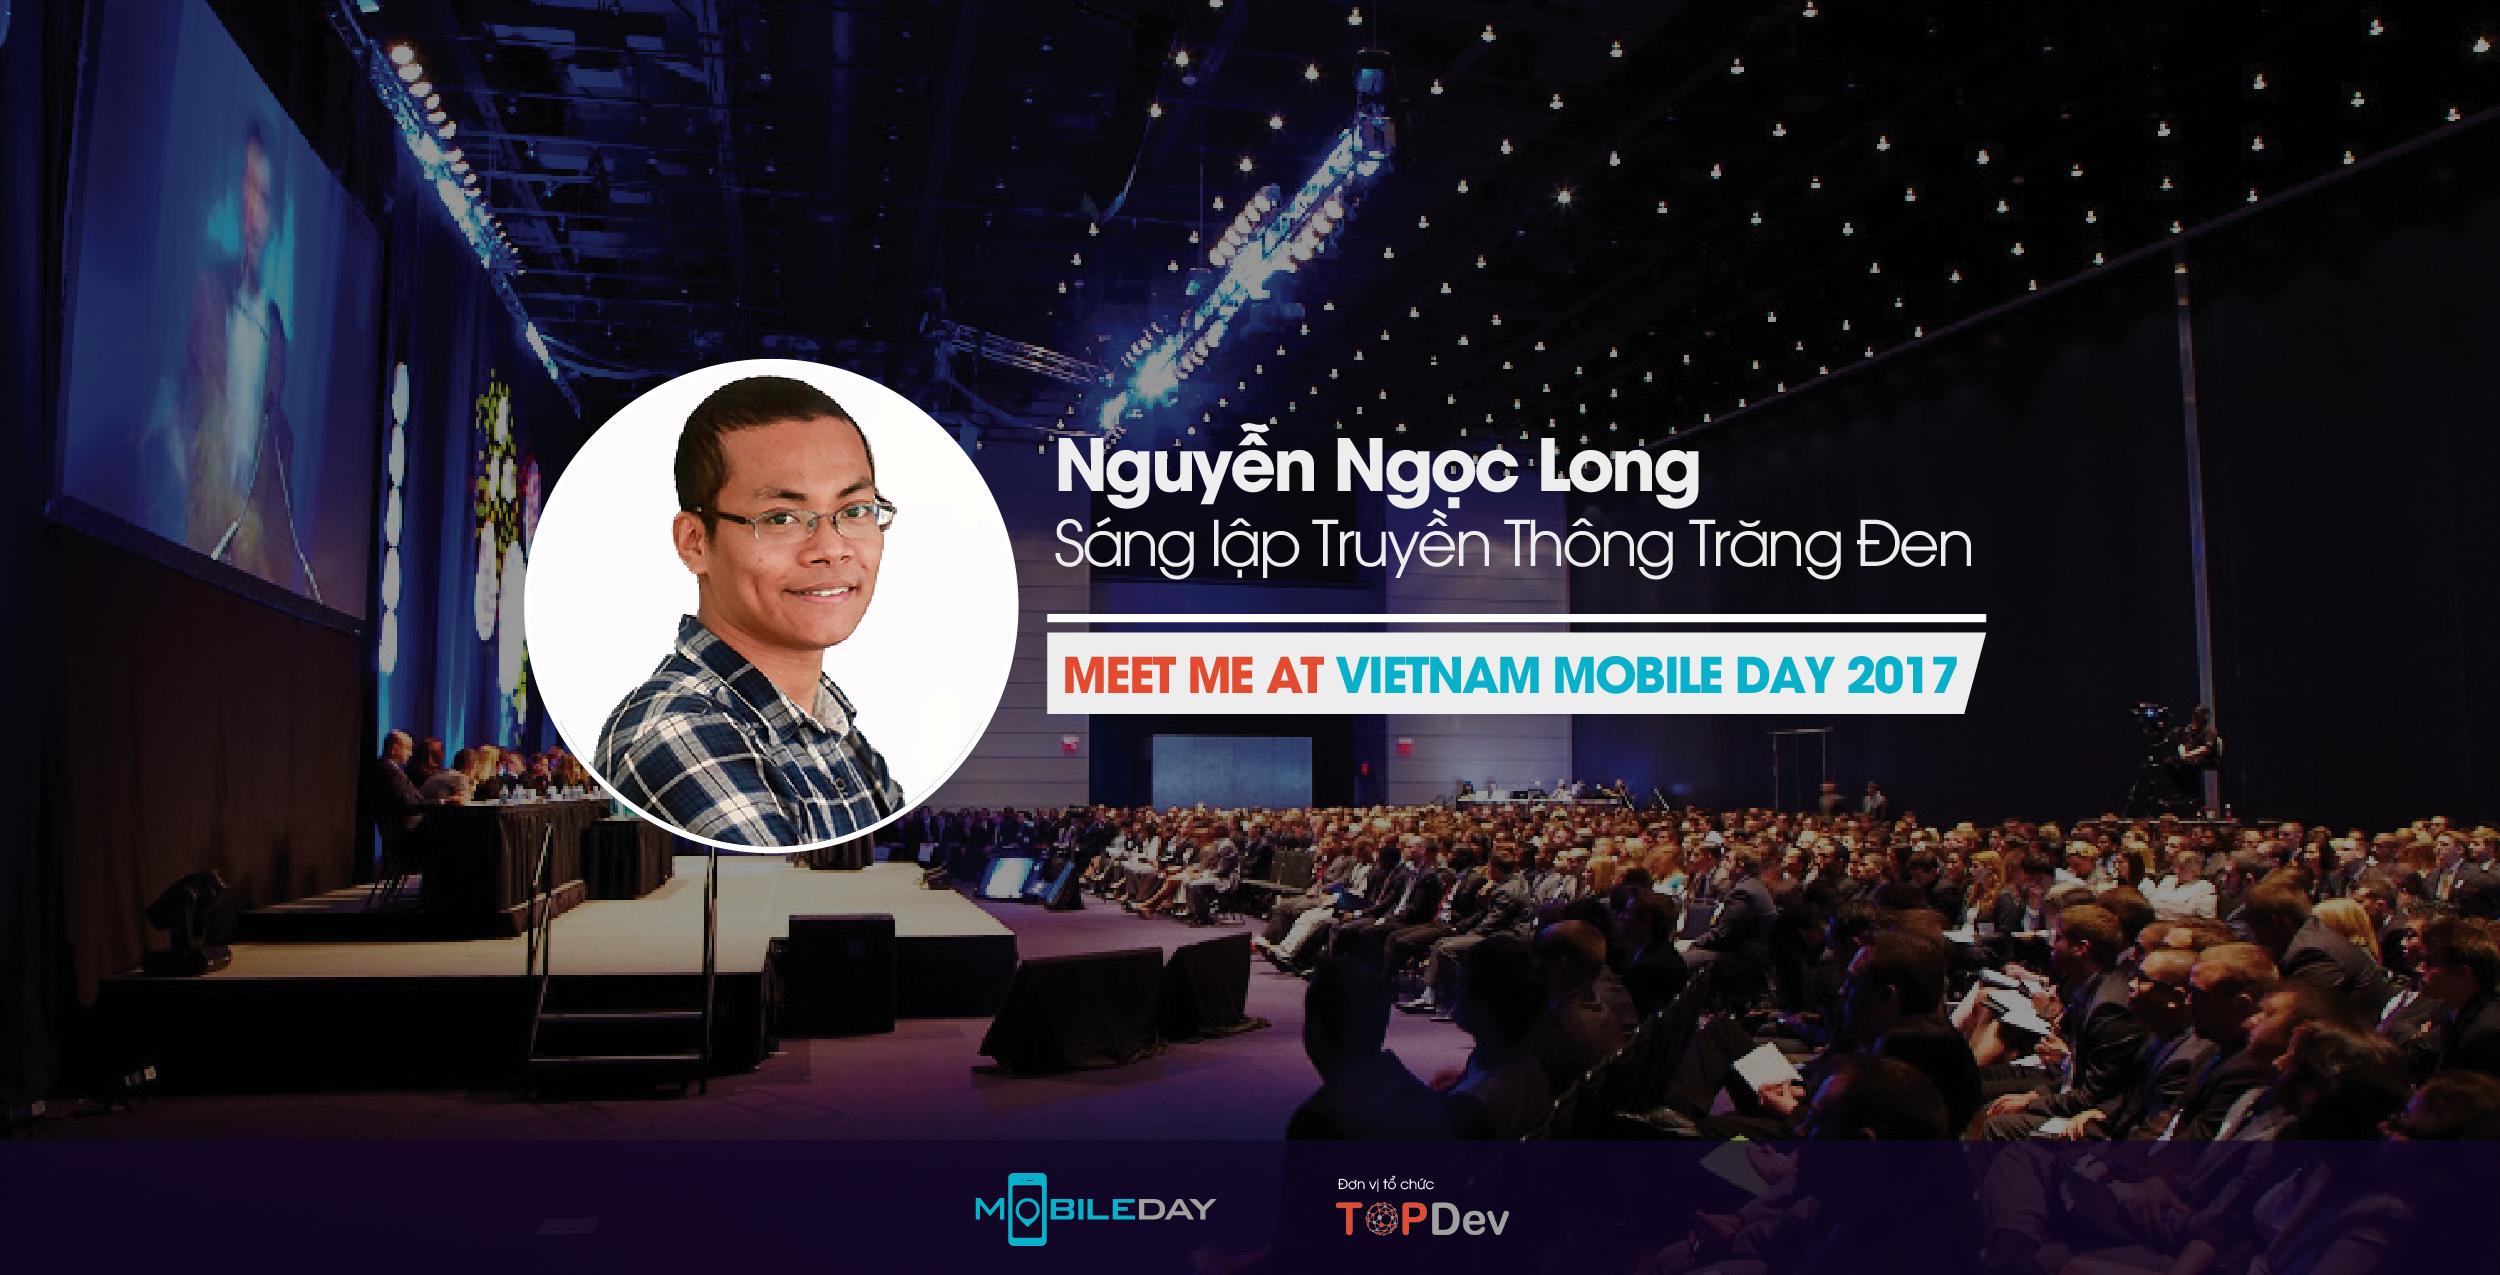 A Nguyen Ngoc Long